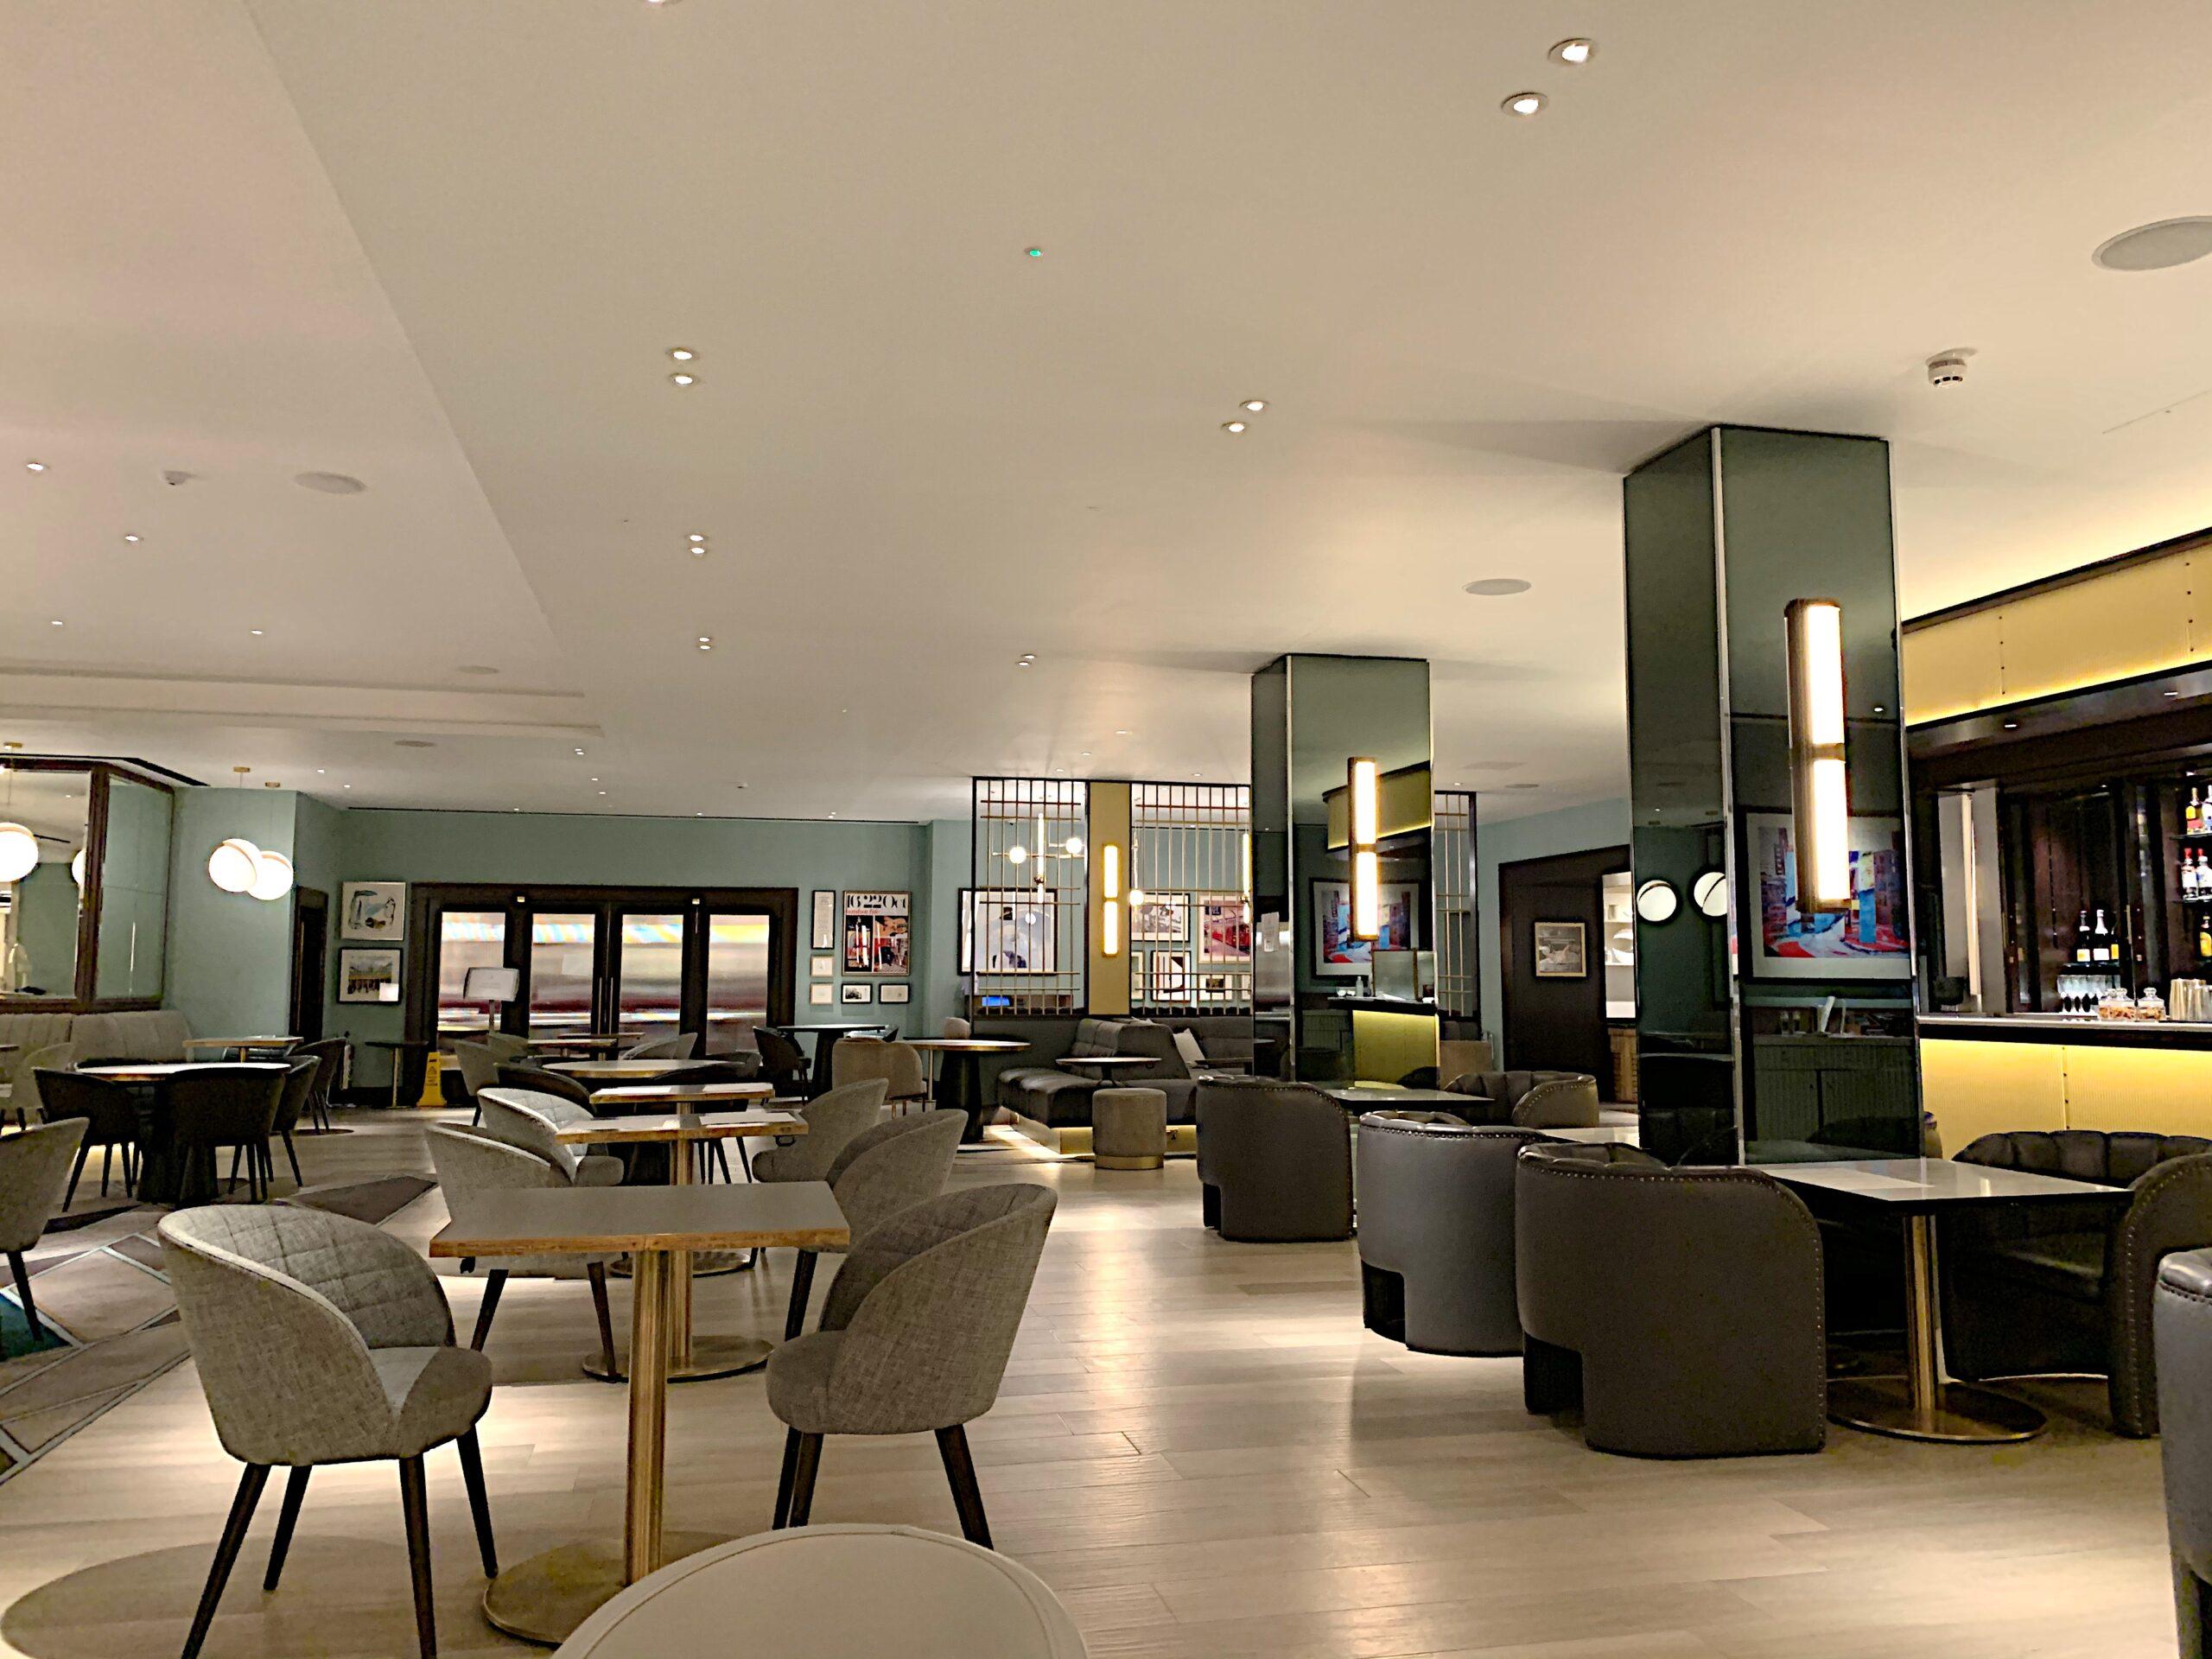 Haxells Restaurant and Bar at Strand Palace Hotel